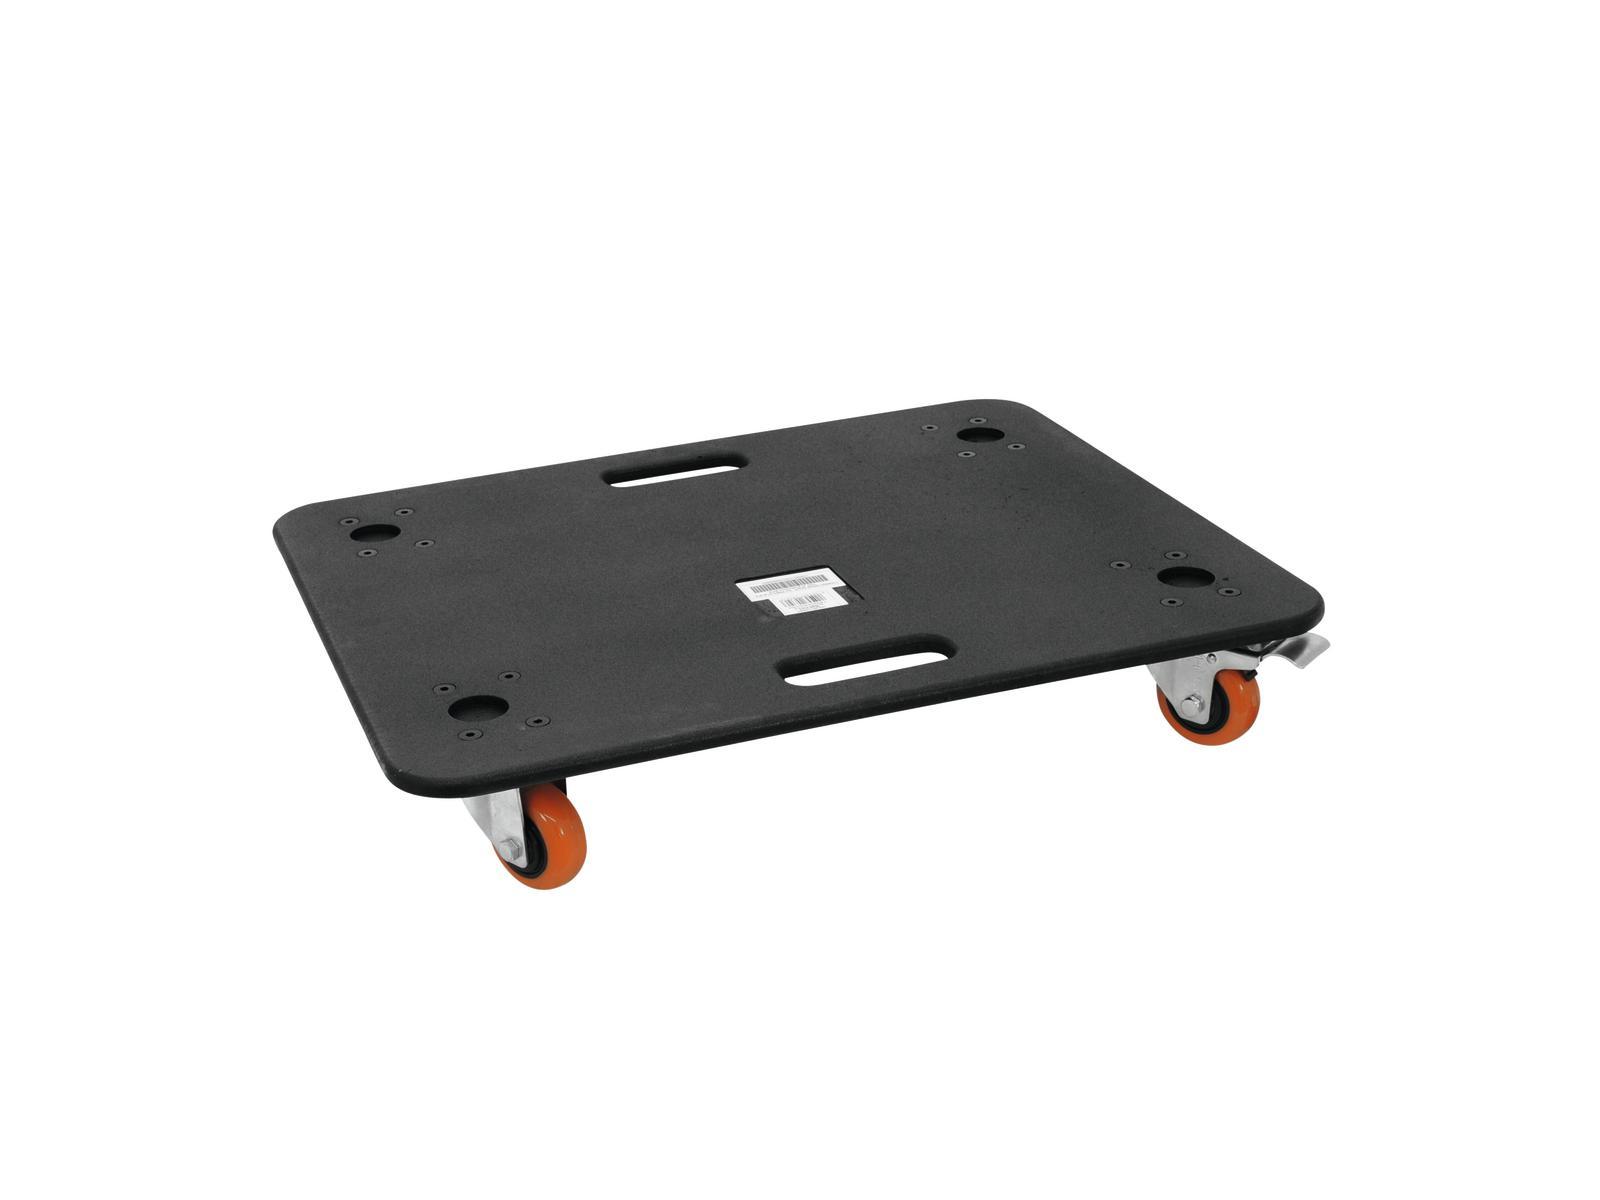 Carrello Per il trasporto di casse acustiche diffusori subwoofer Wheel Board